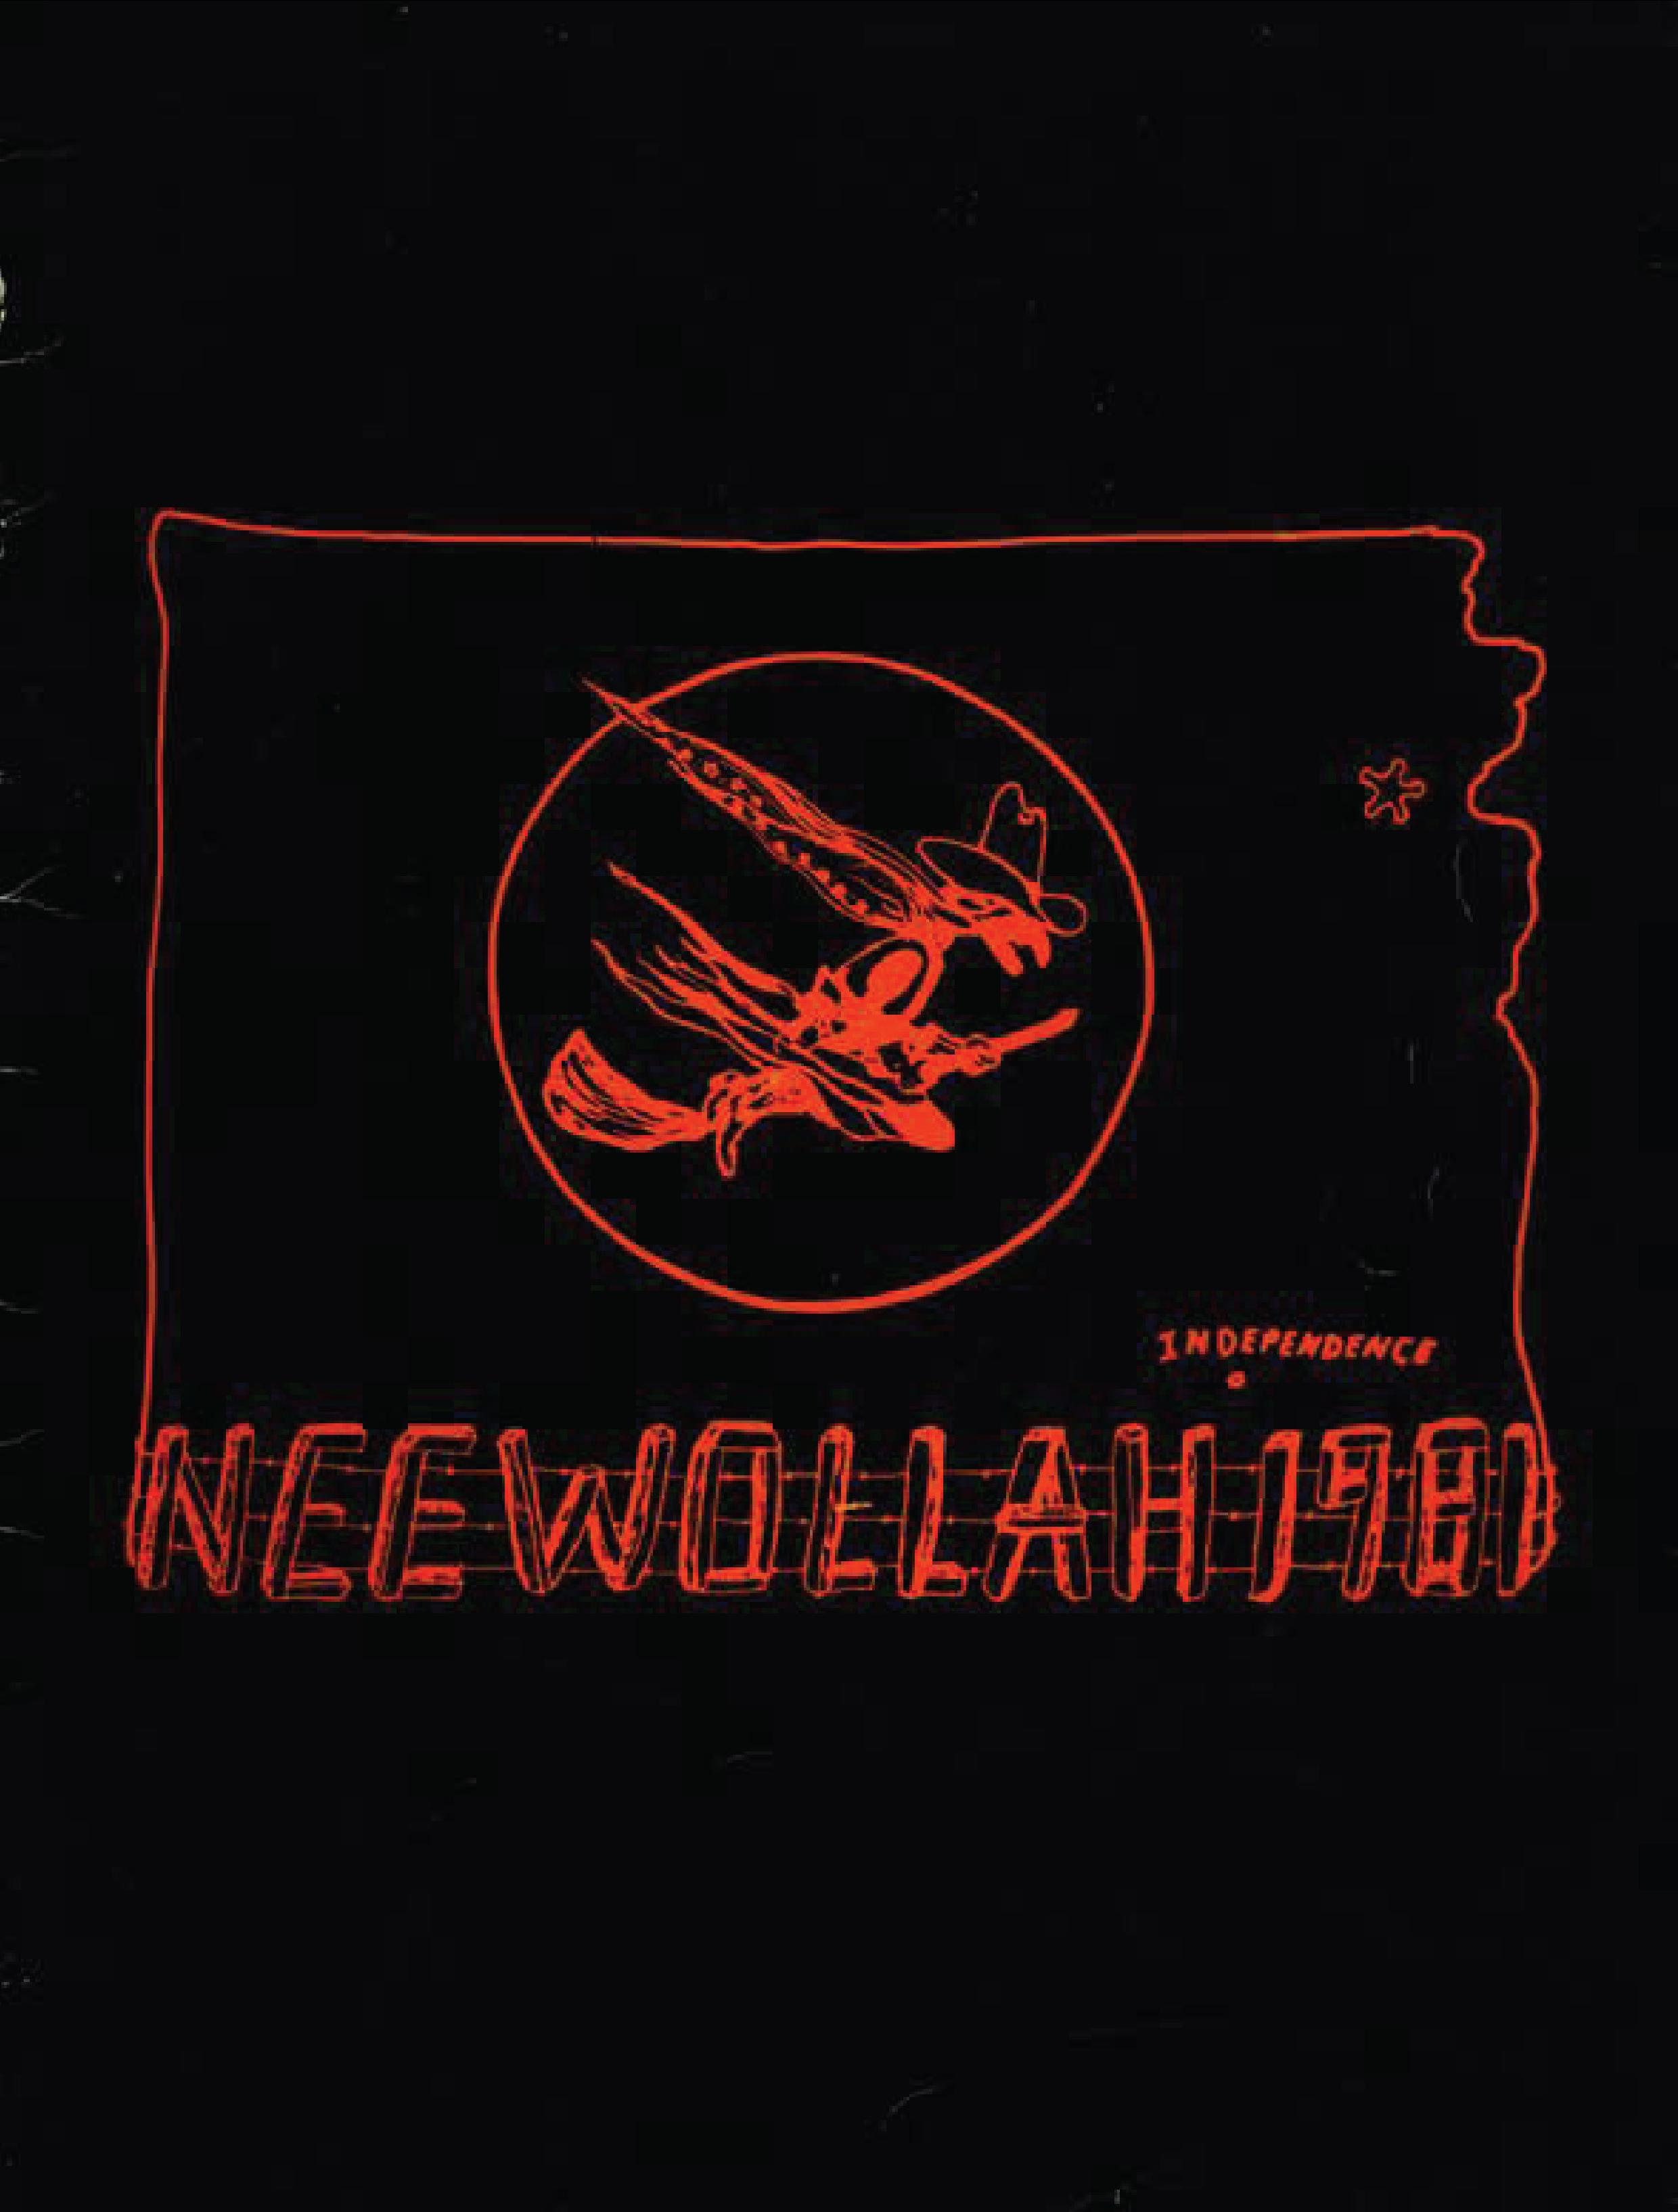 Neewollah 1981